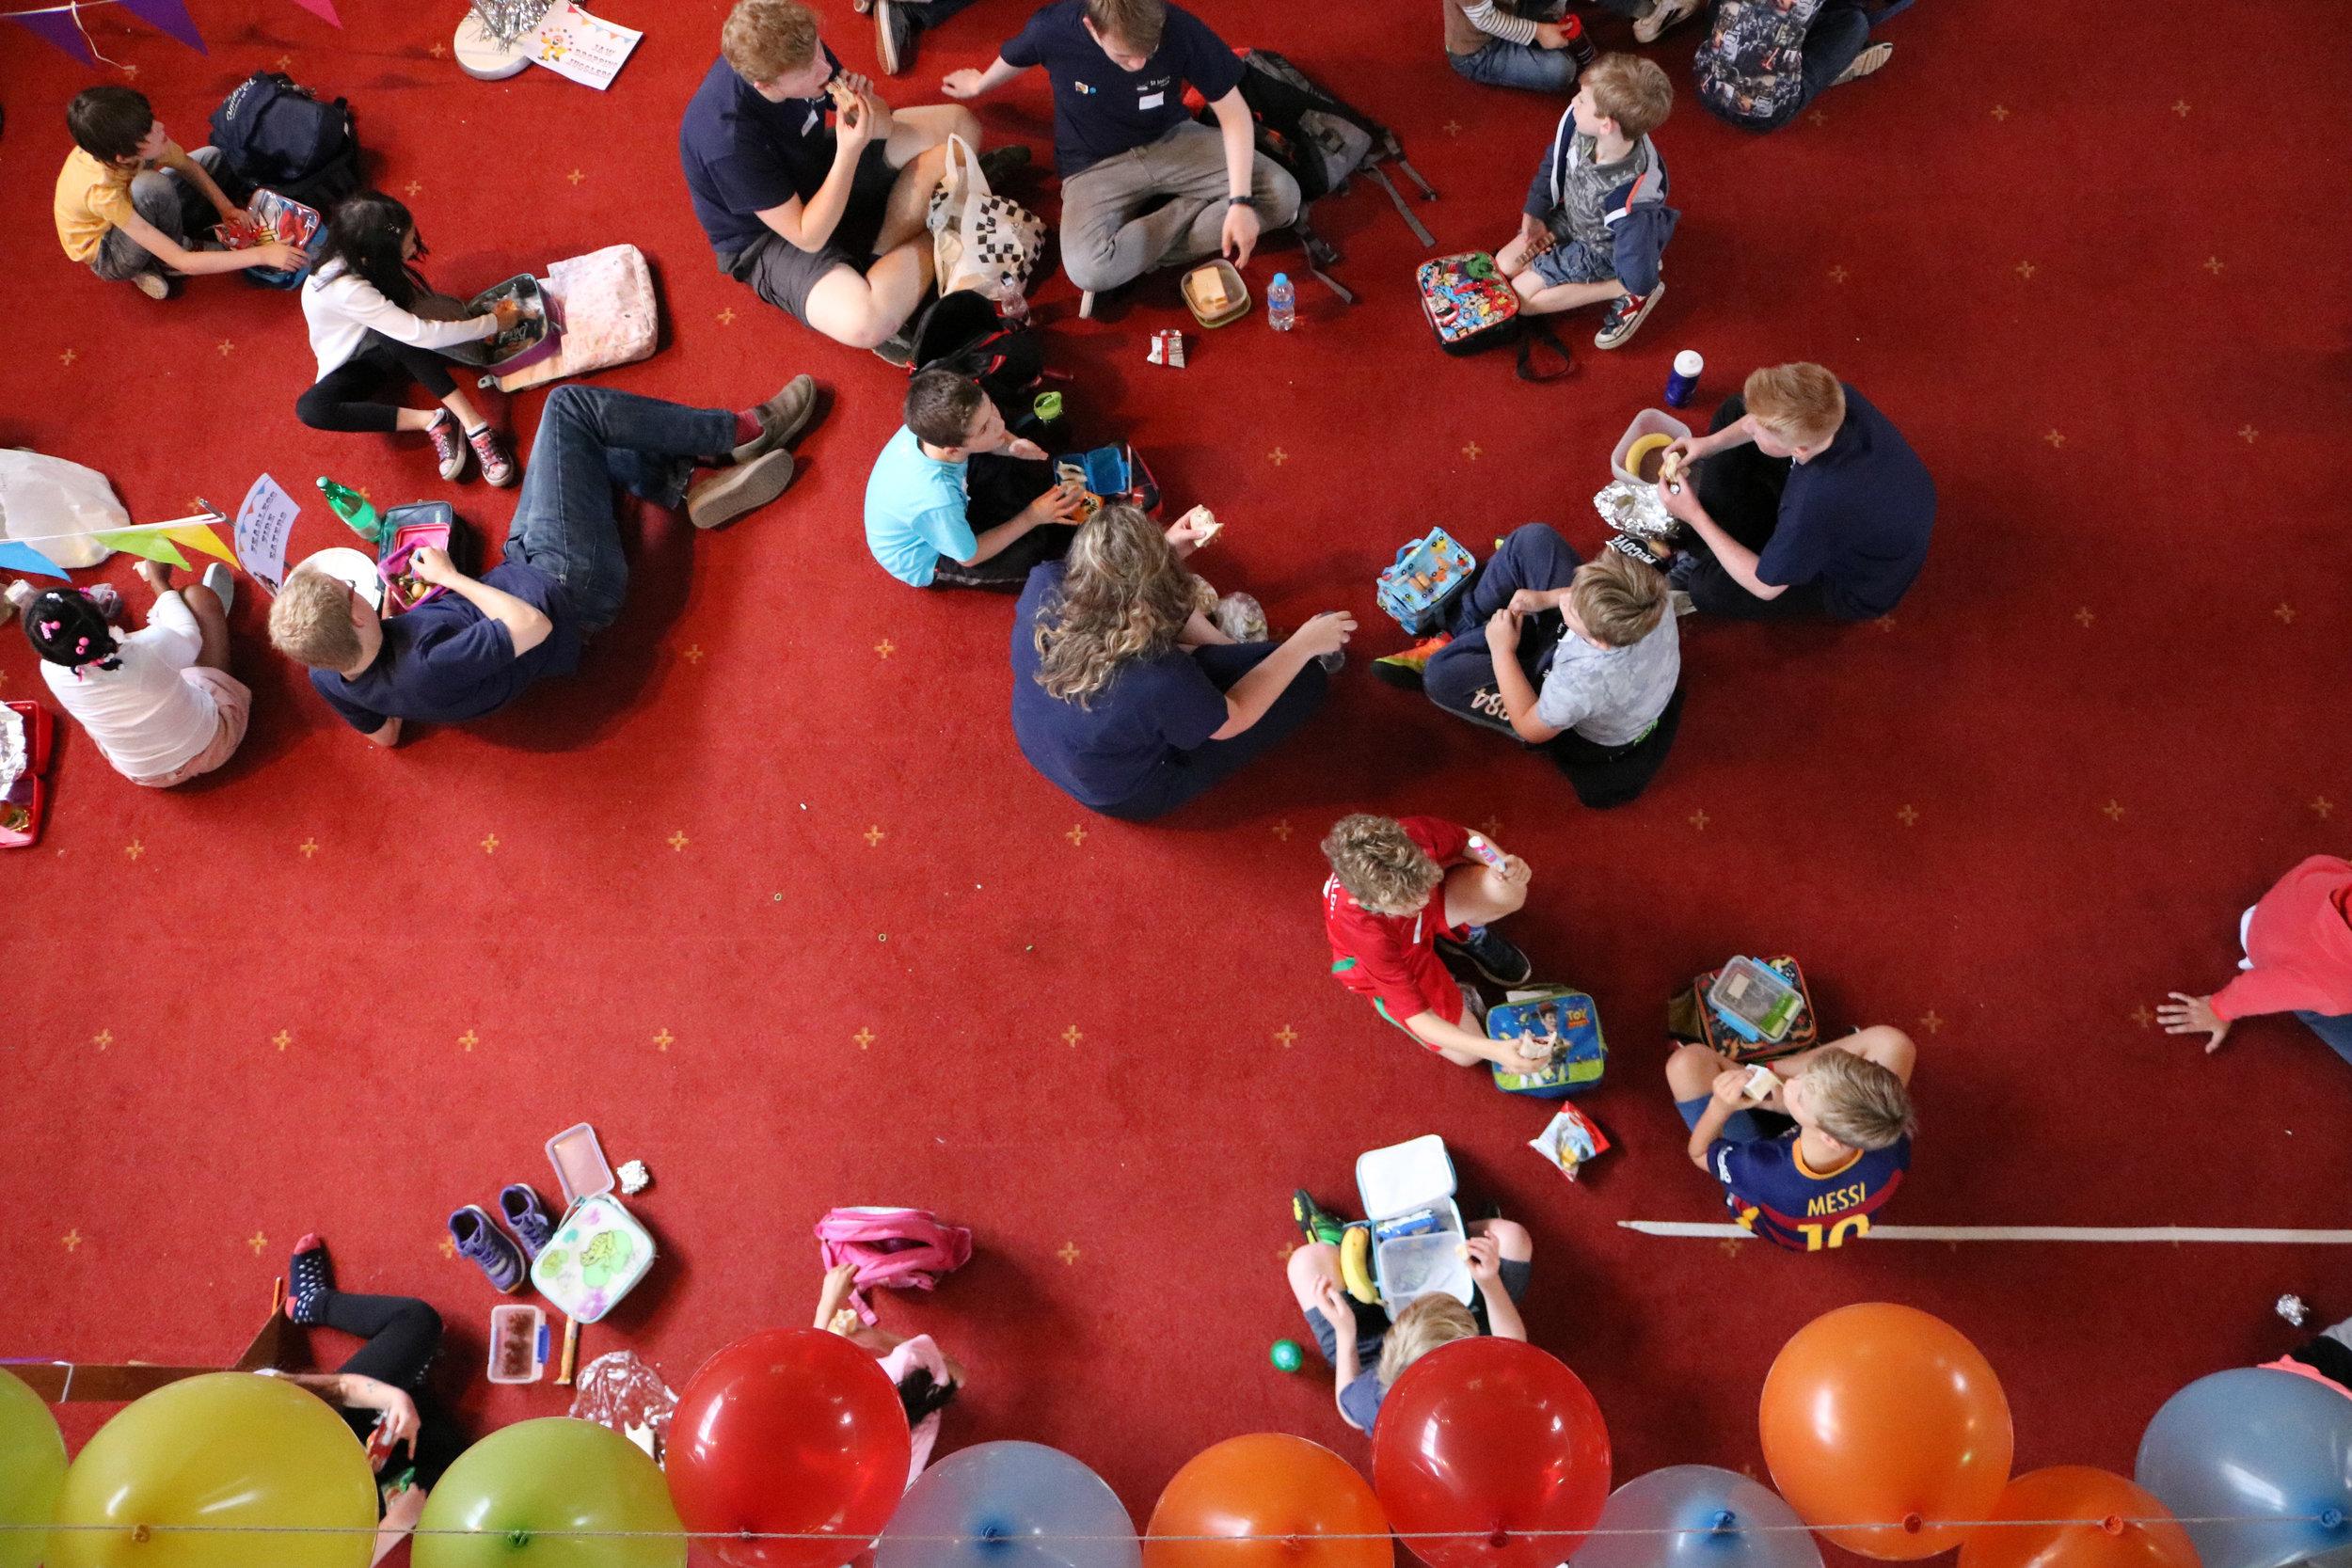 st-johns-harborne-children-eating2-web.jpg